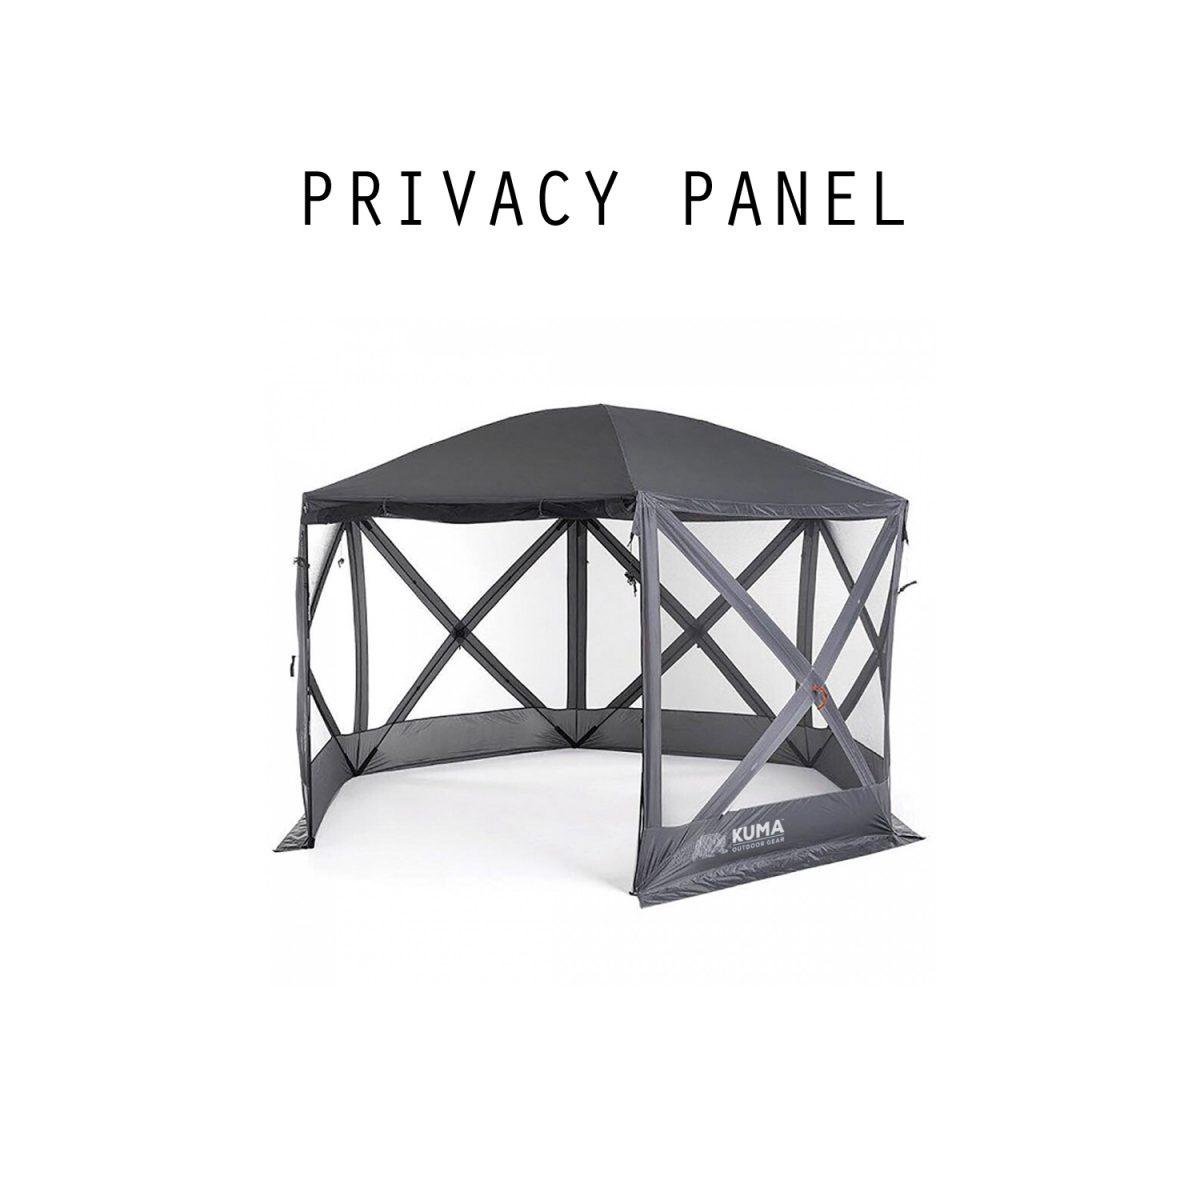 KUMA GAZEBO PRIVACY PANEL